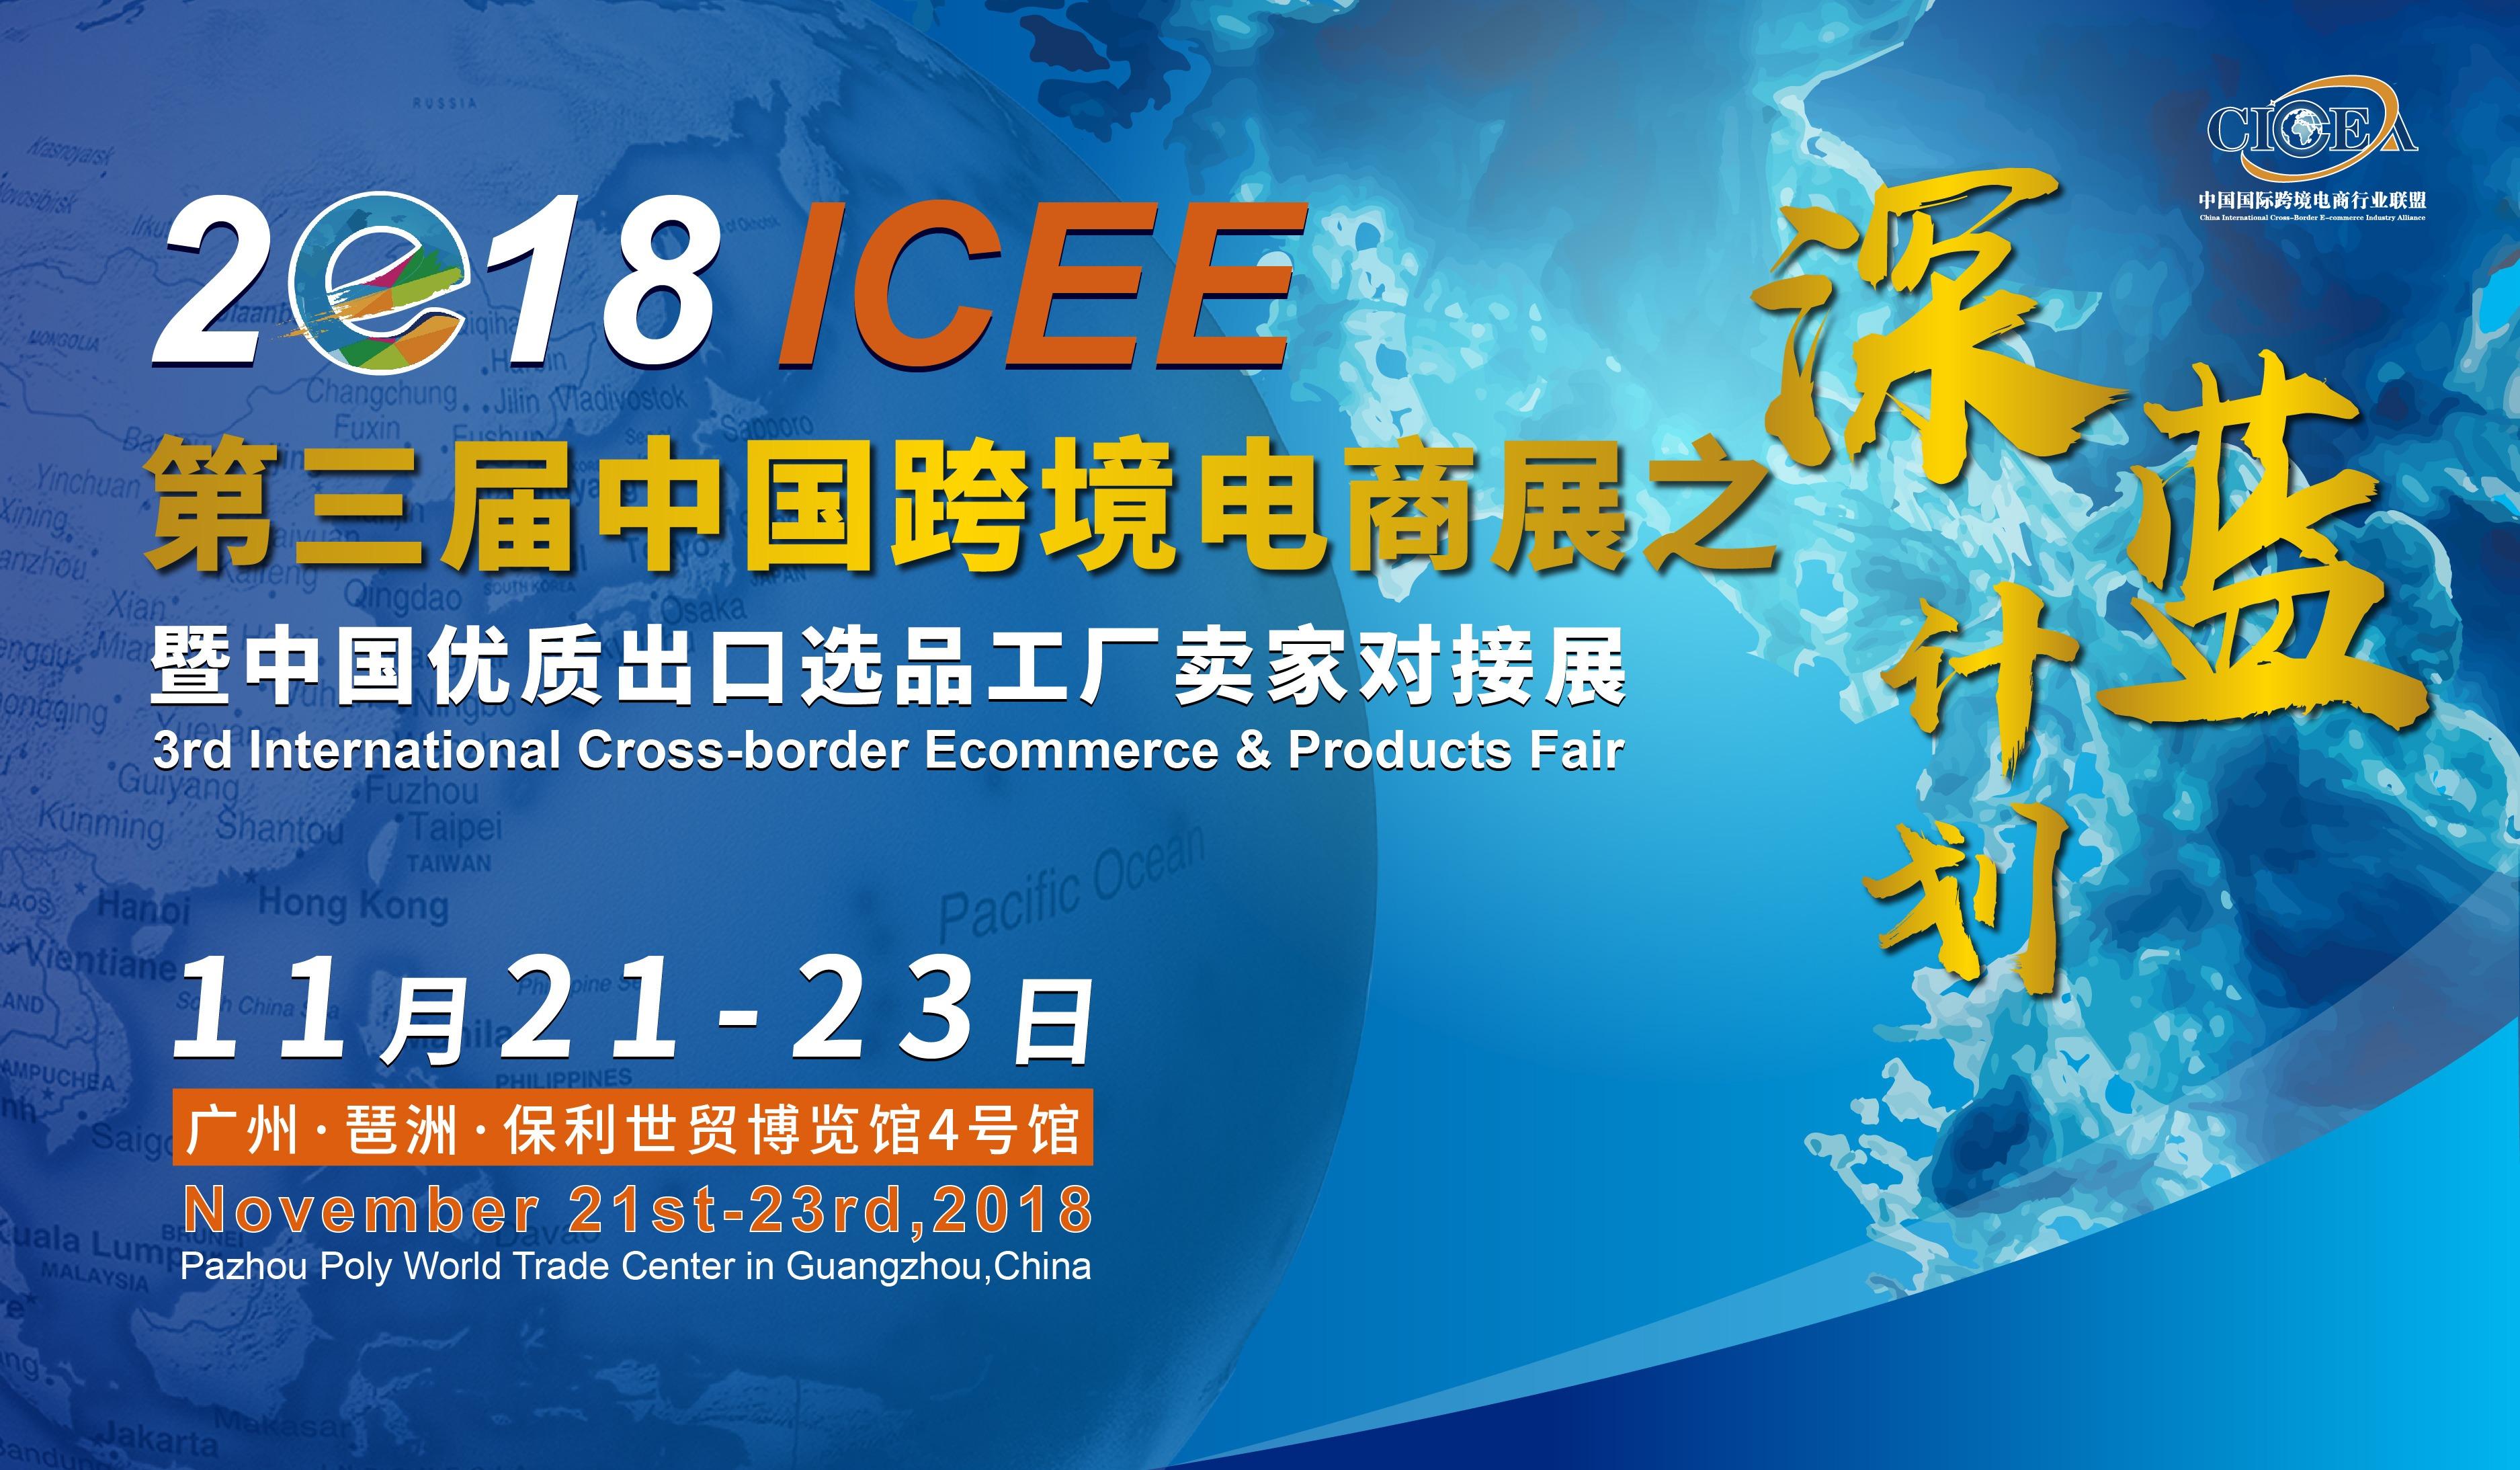 ICEE2018第三届中国跨境电商展之深蓝计划暨中国优质出口选品工厂卖家对接展